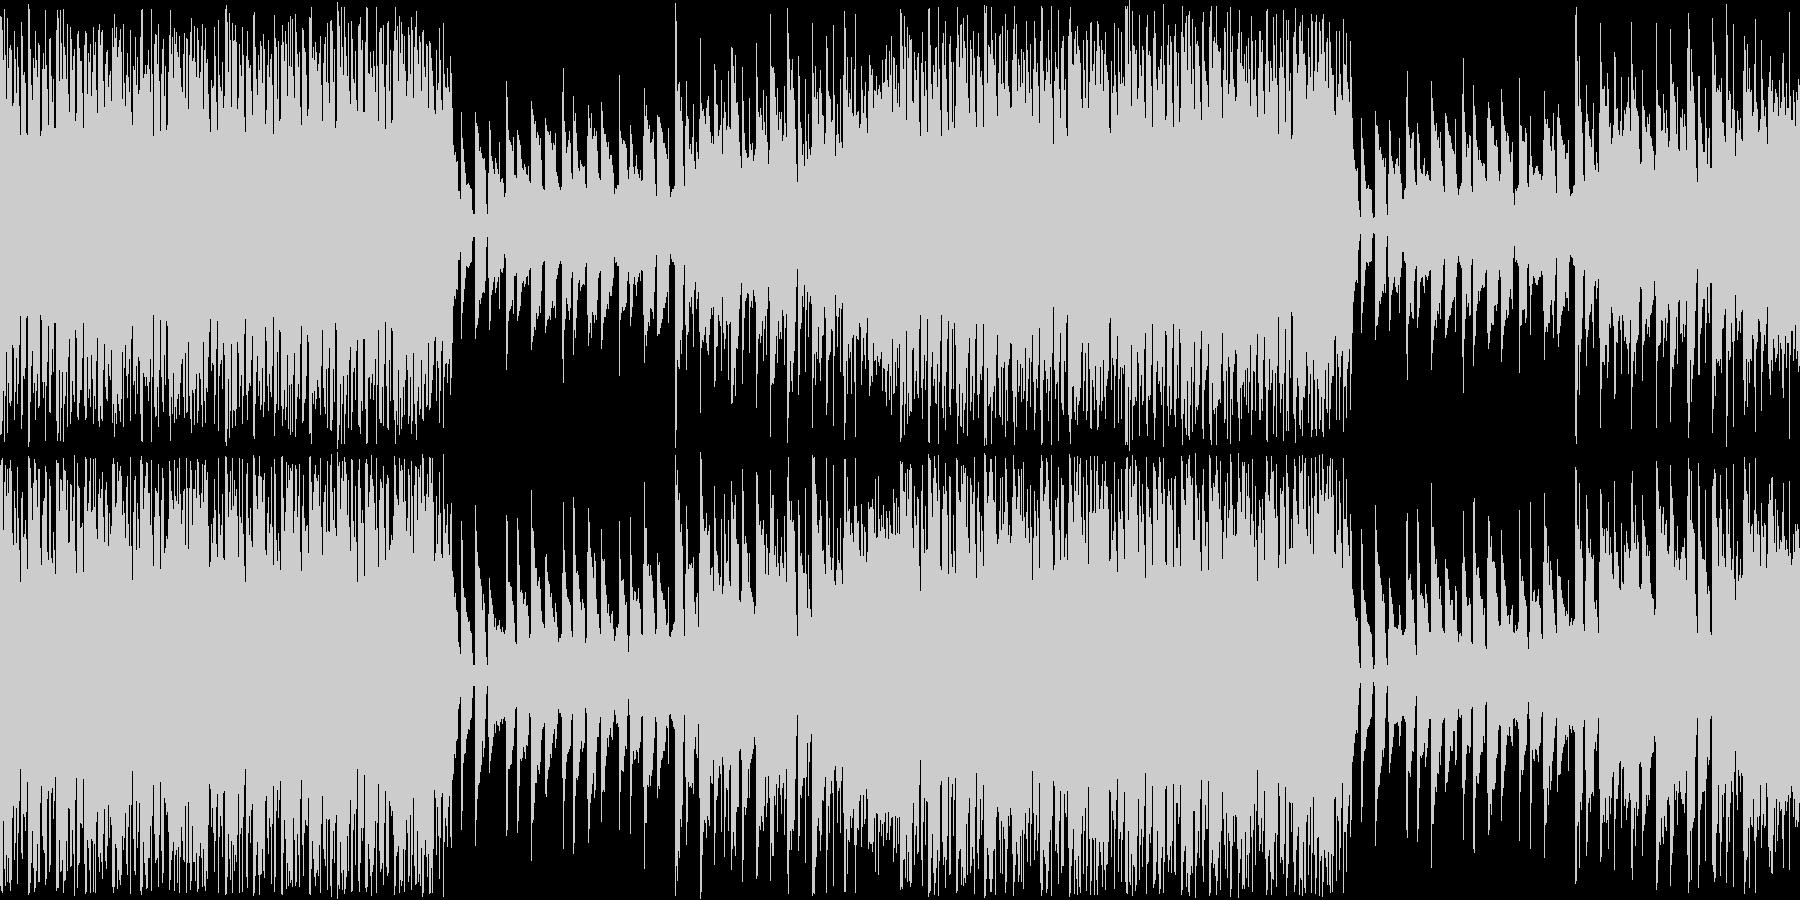 躍動感溢れる軽快なインスト楽曲ループの未再生の波形